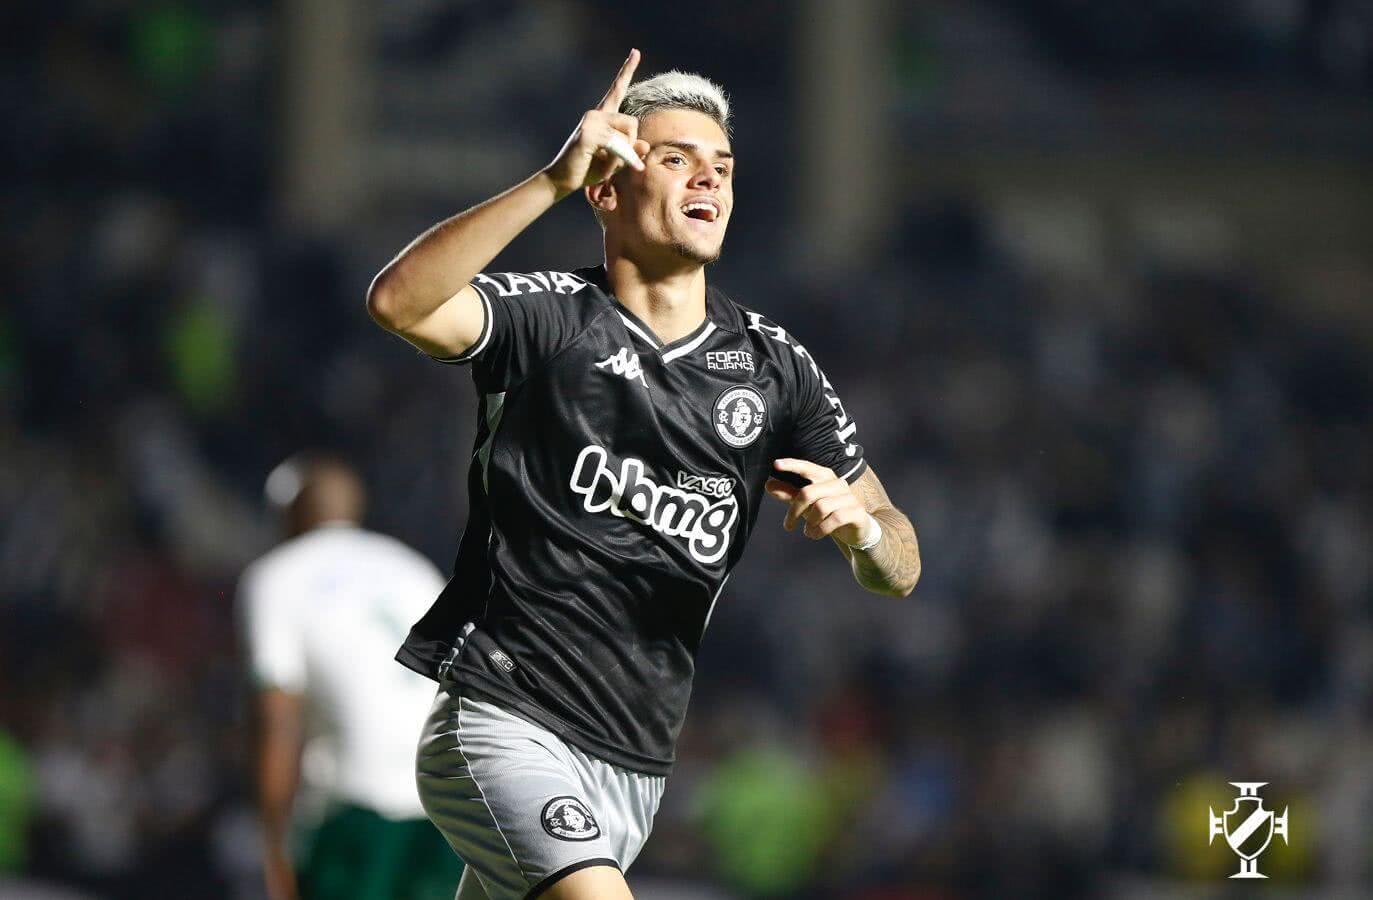 Gabriel Pec comemorando o gol contra o Goiás